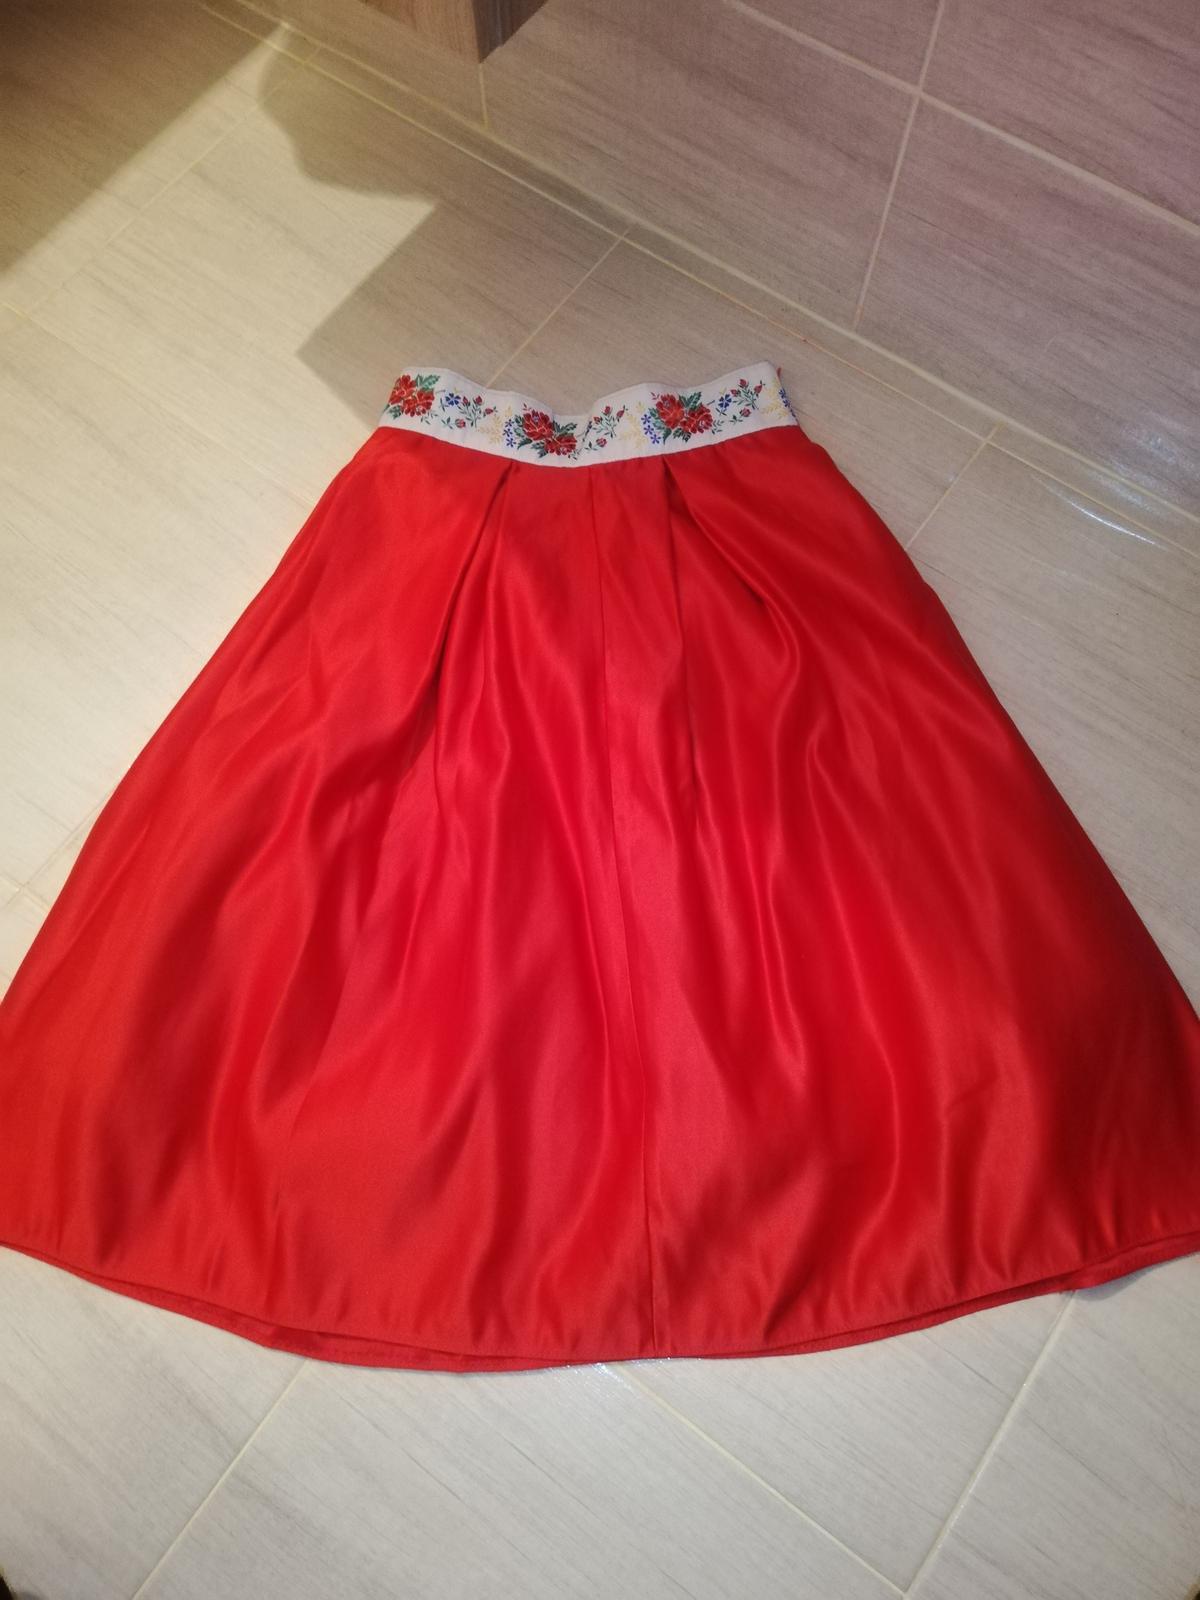 Sukňa na redovy tanec  - Obrázok č. 1